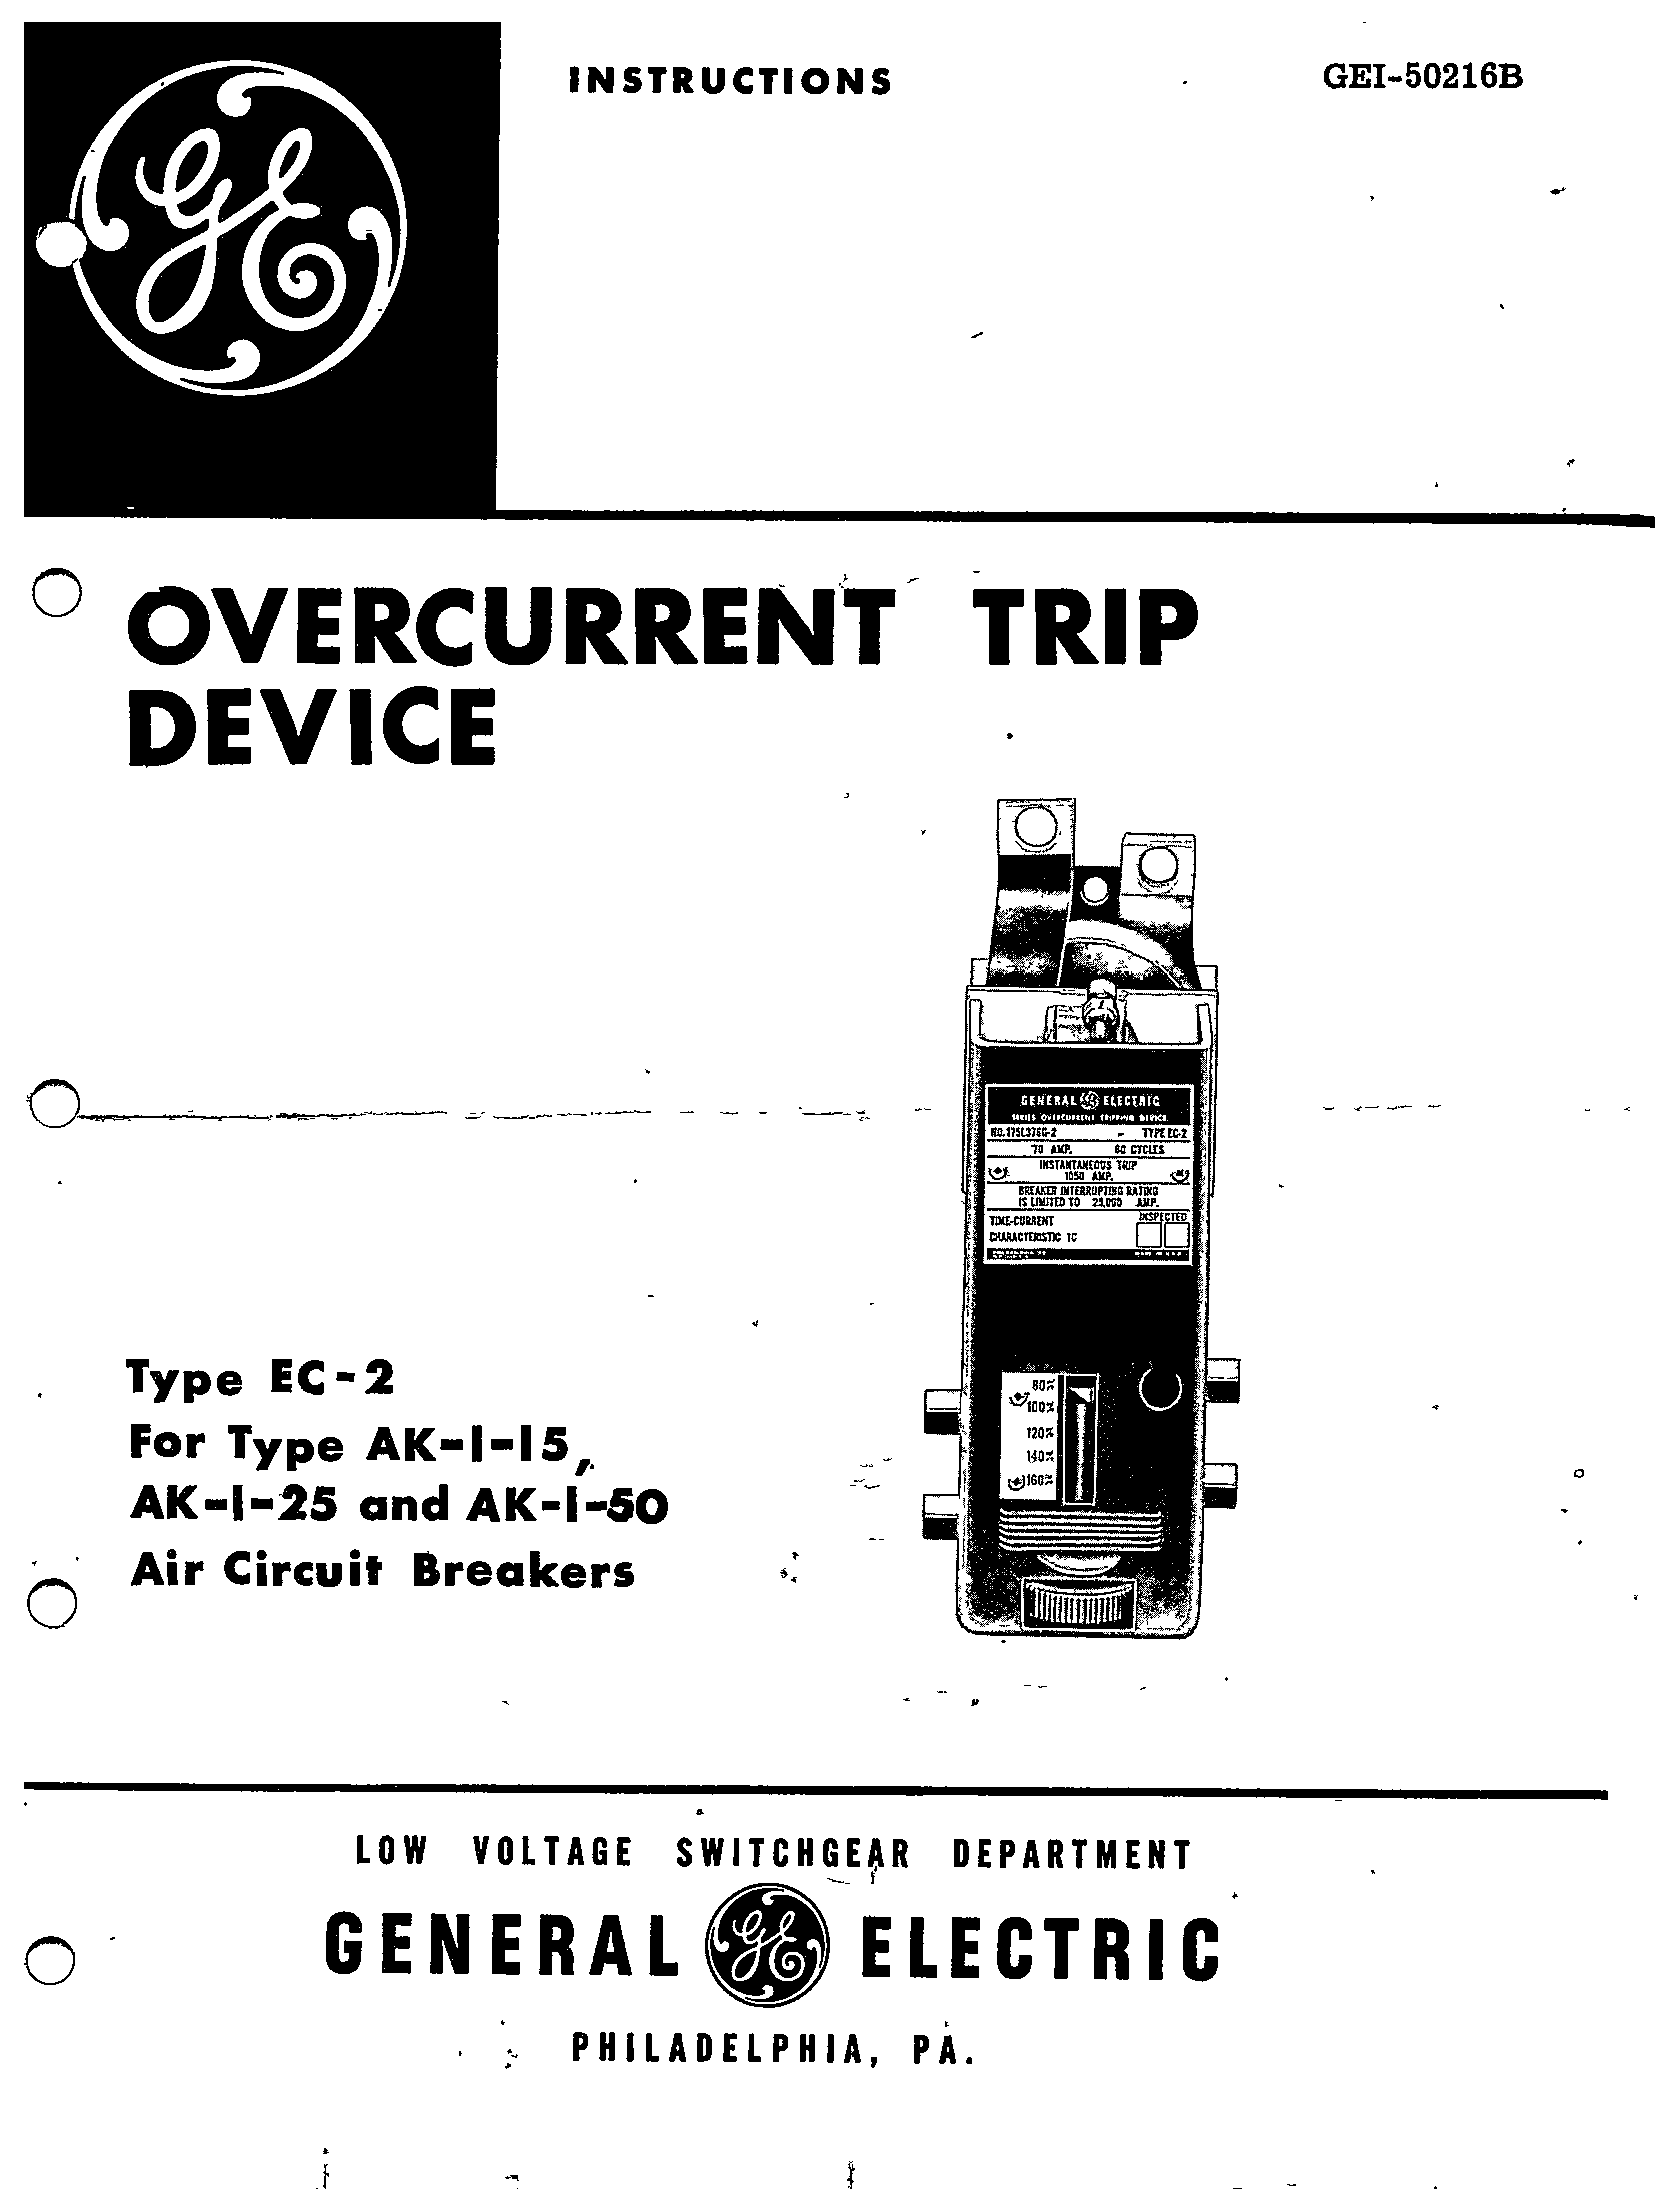 abb overcurrent relay